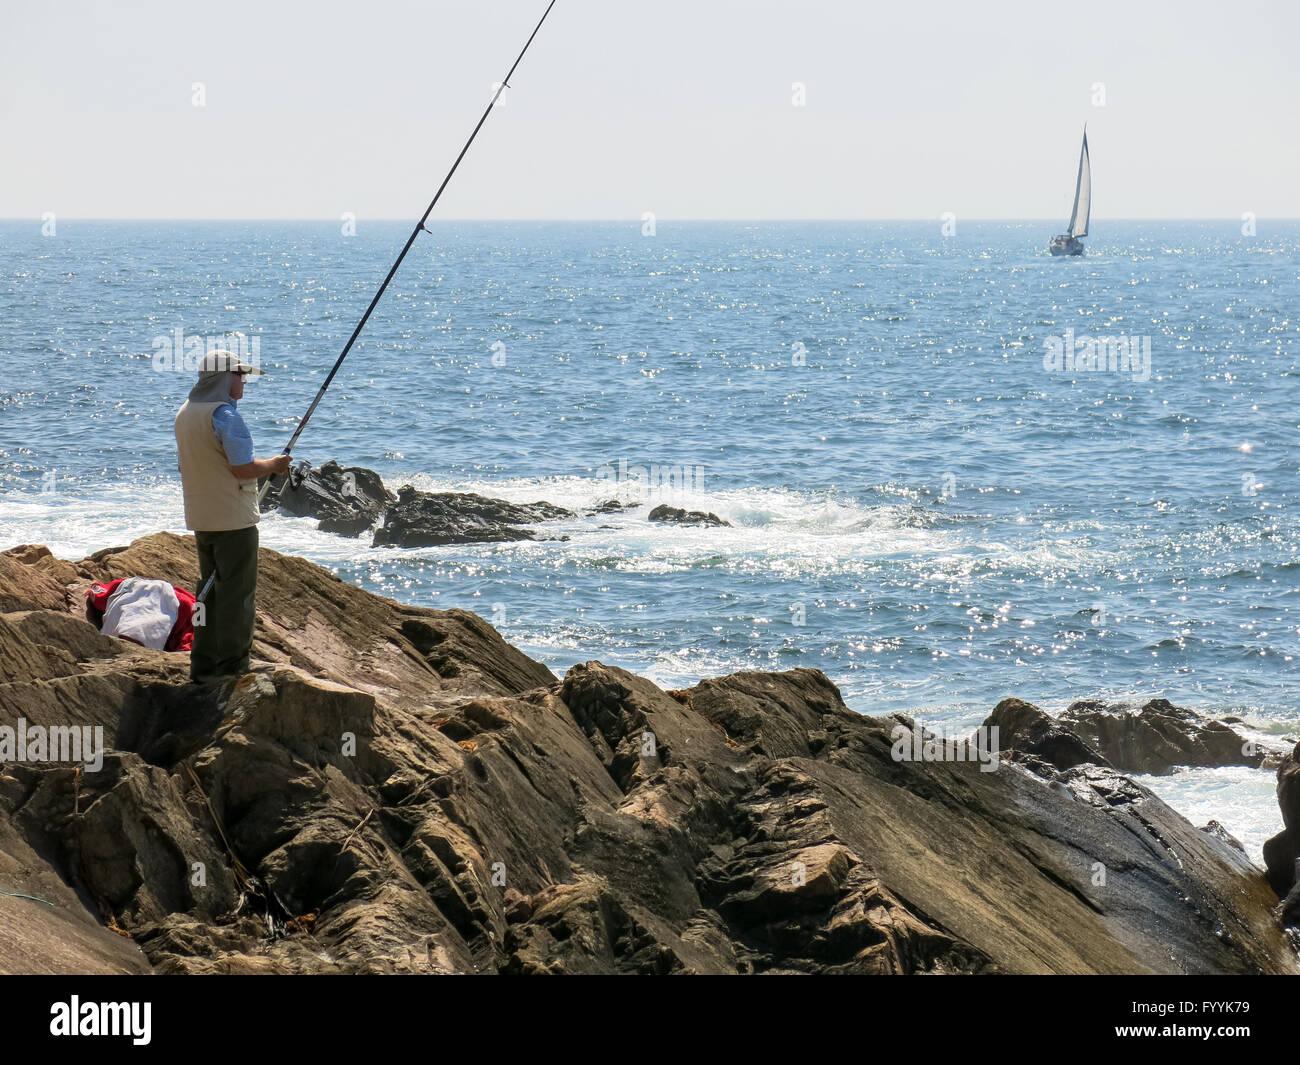 Pescador pesca en el Océano Atlántico y el velero navegando en el mar frente a la costa de Foz cerca de Porto, Portugal Foto de stock